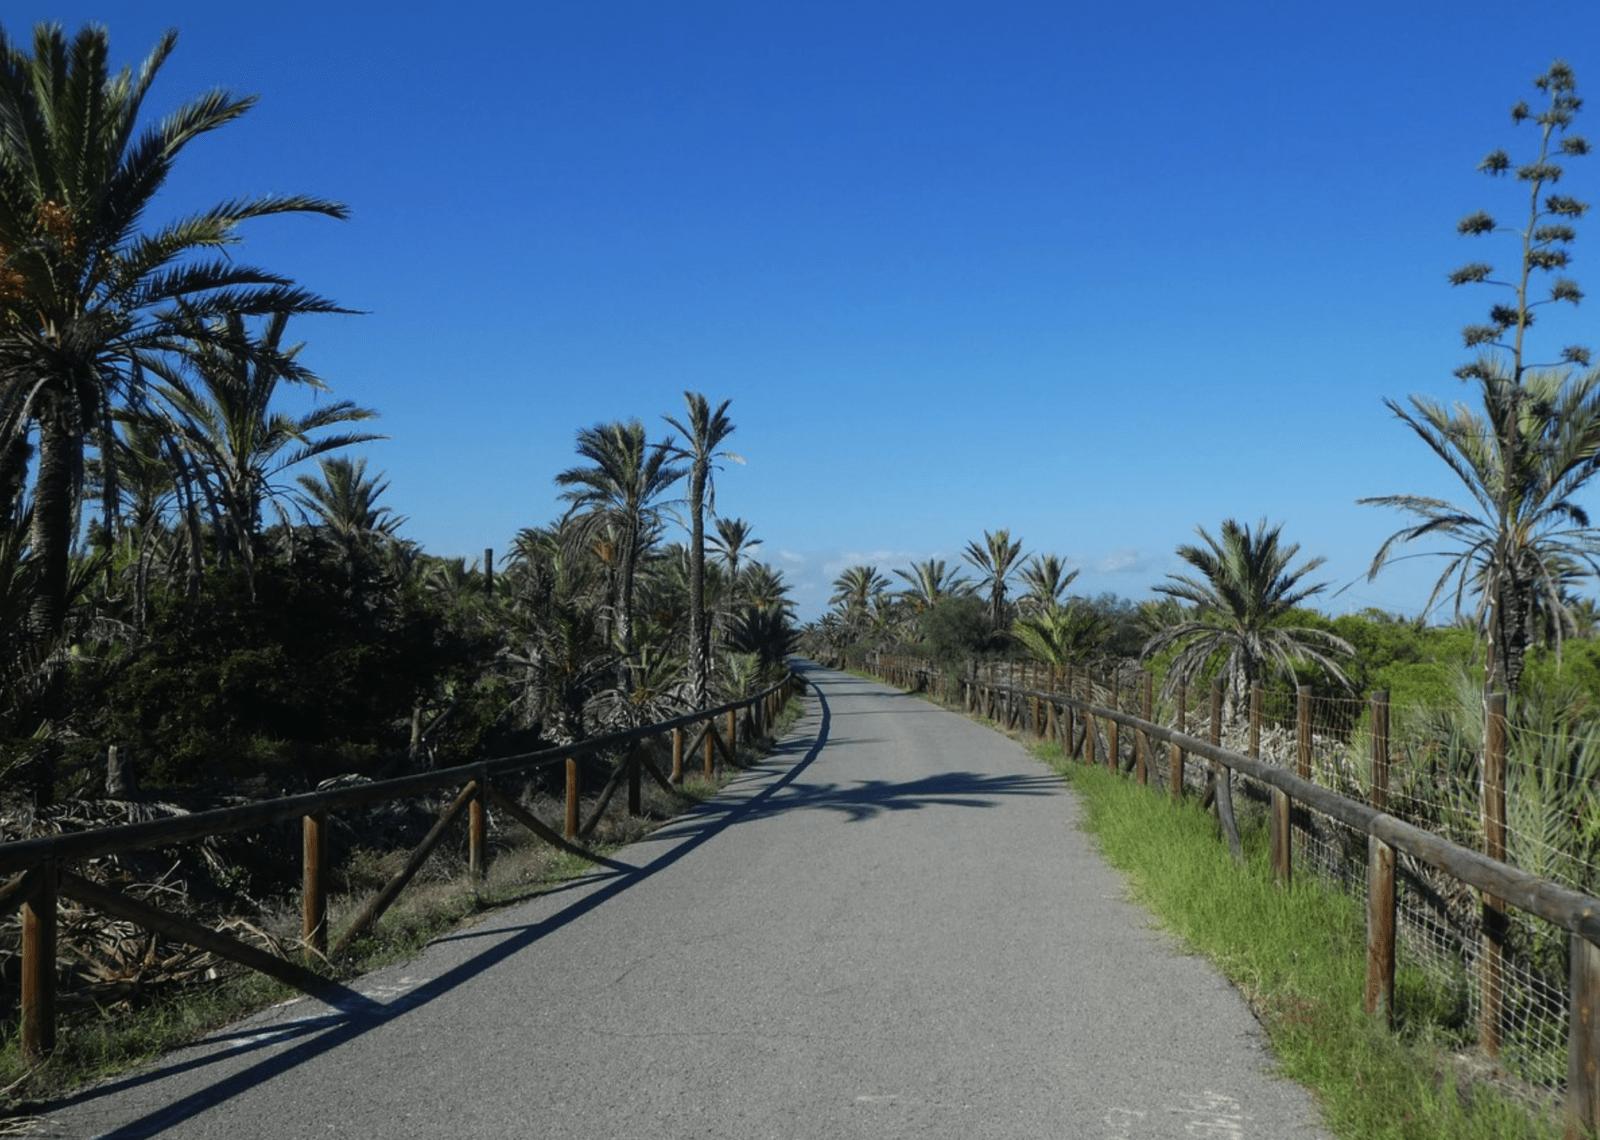 Гвардамар, Испания: знакомство с городом